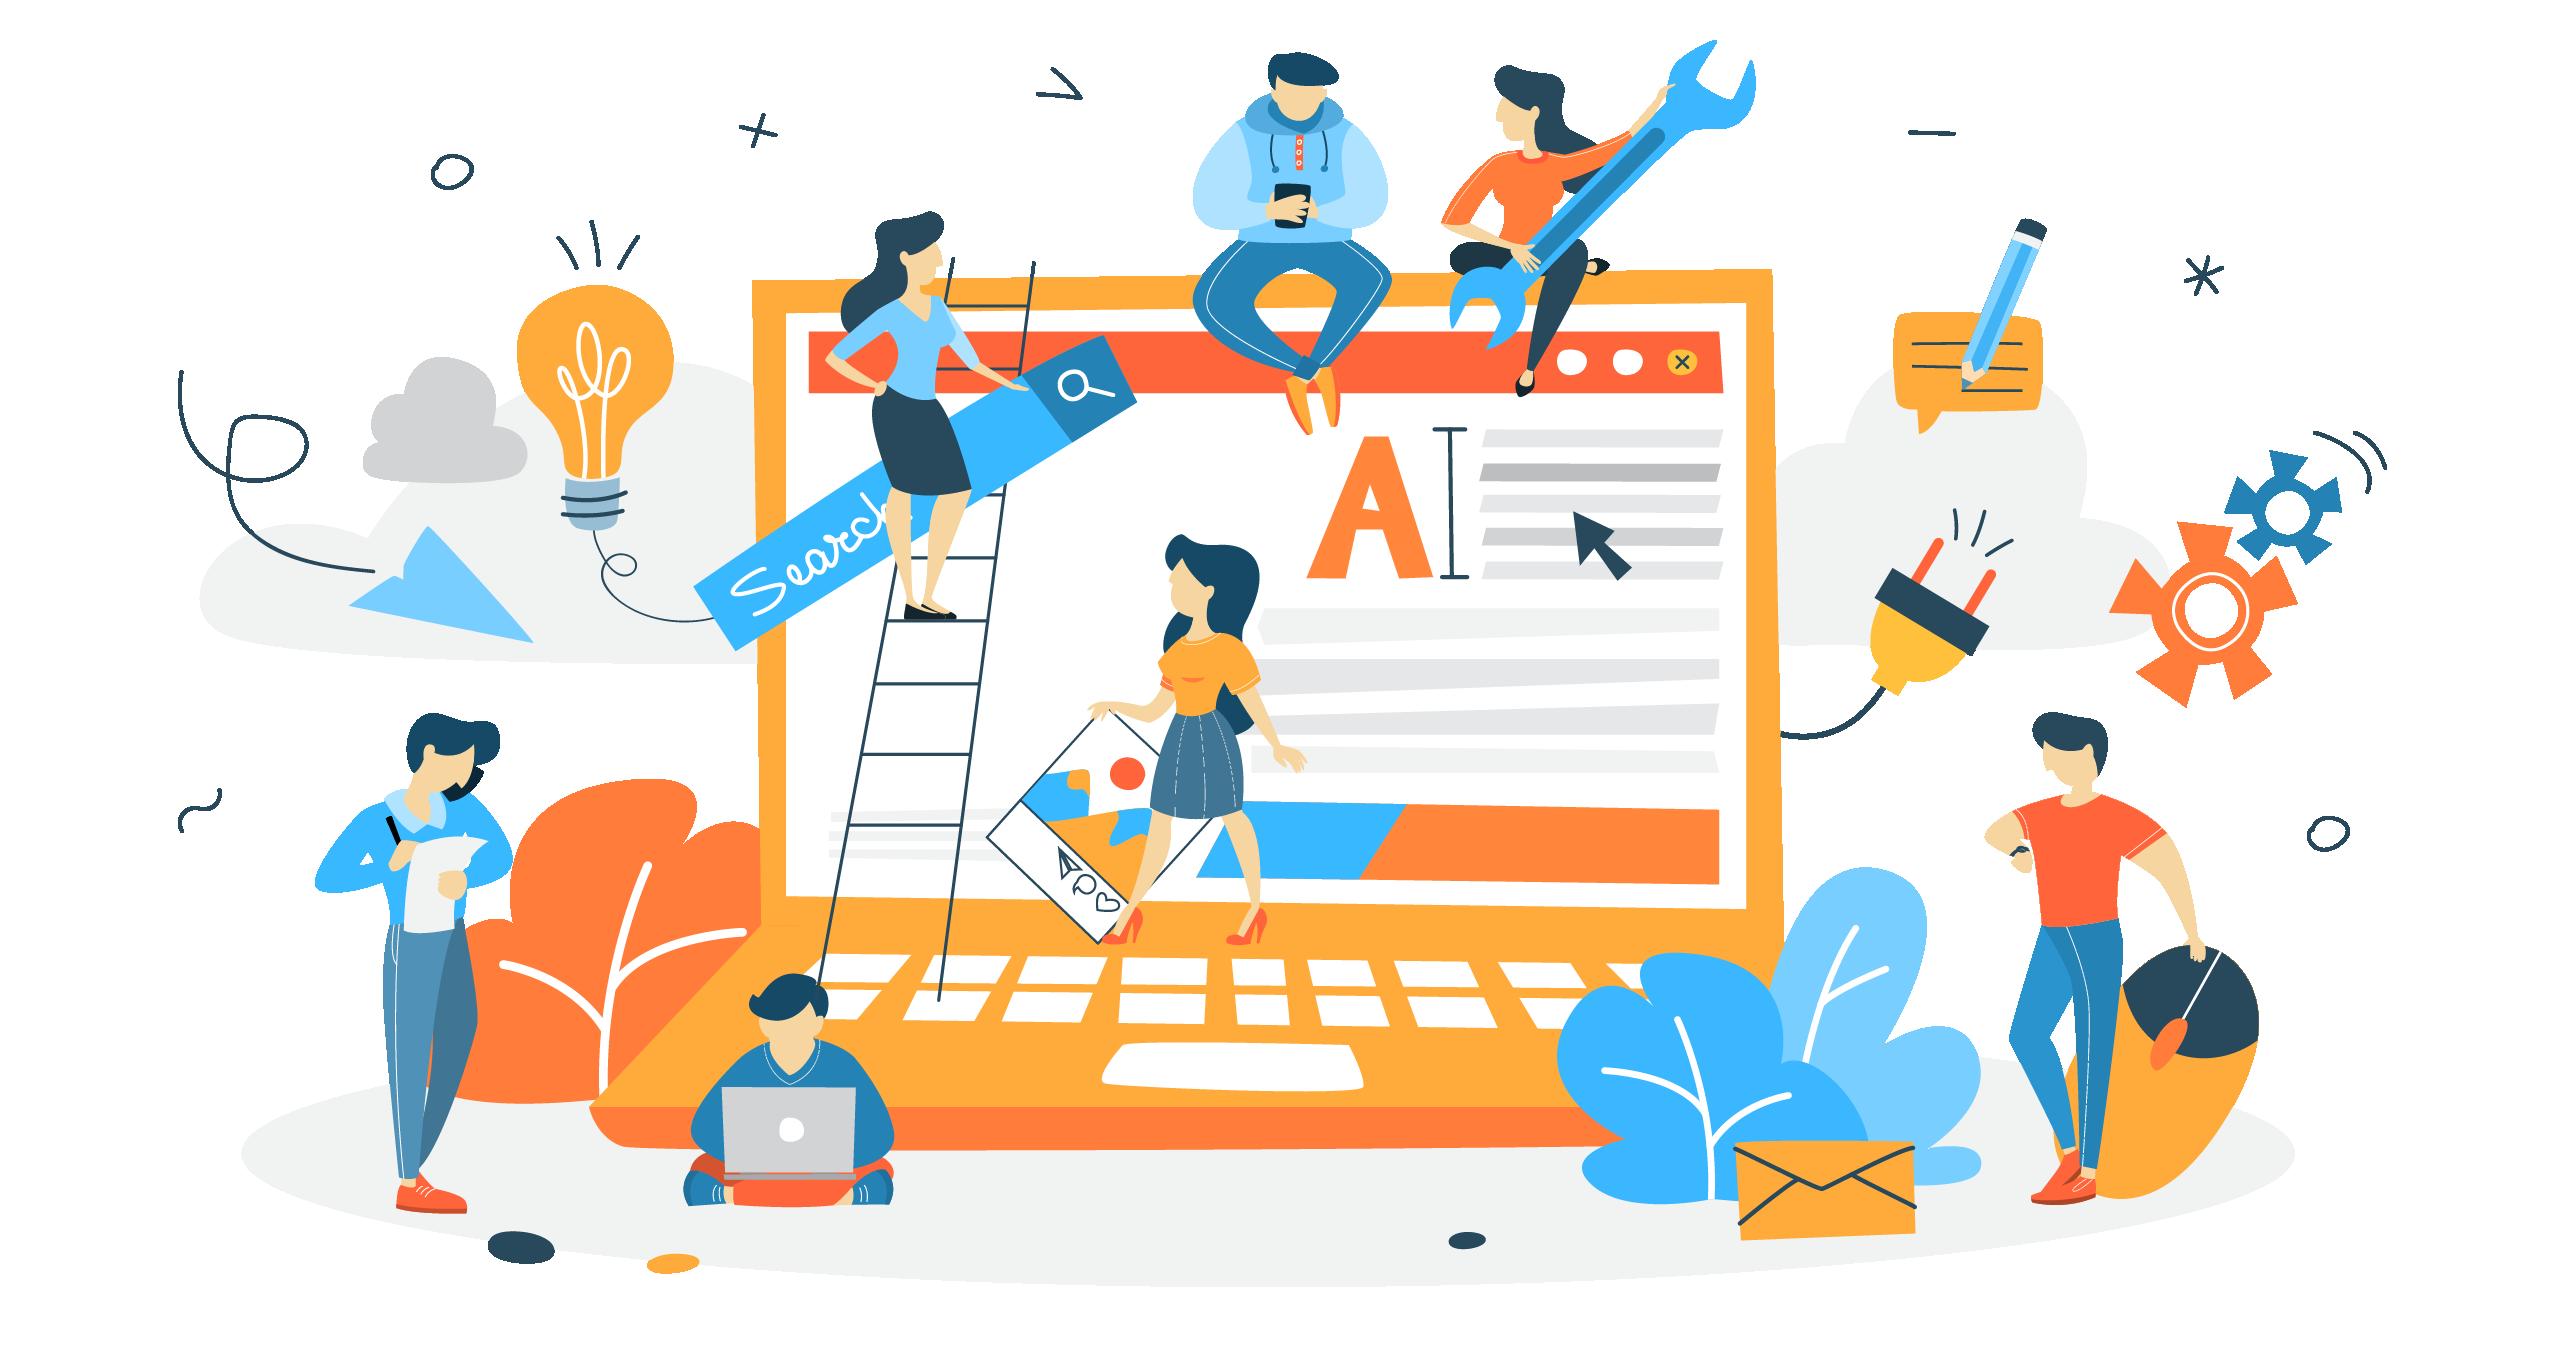 Je website maken met WordPress en Divi, bouw je eigen website met WordPress